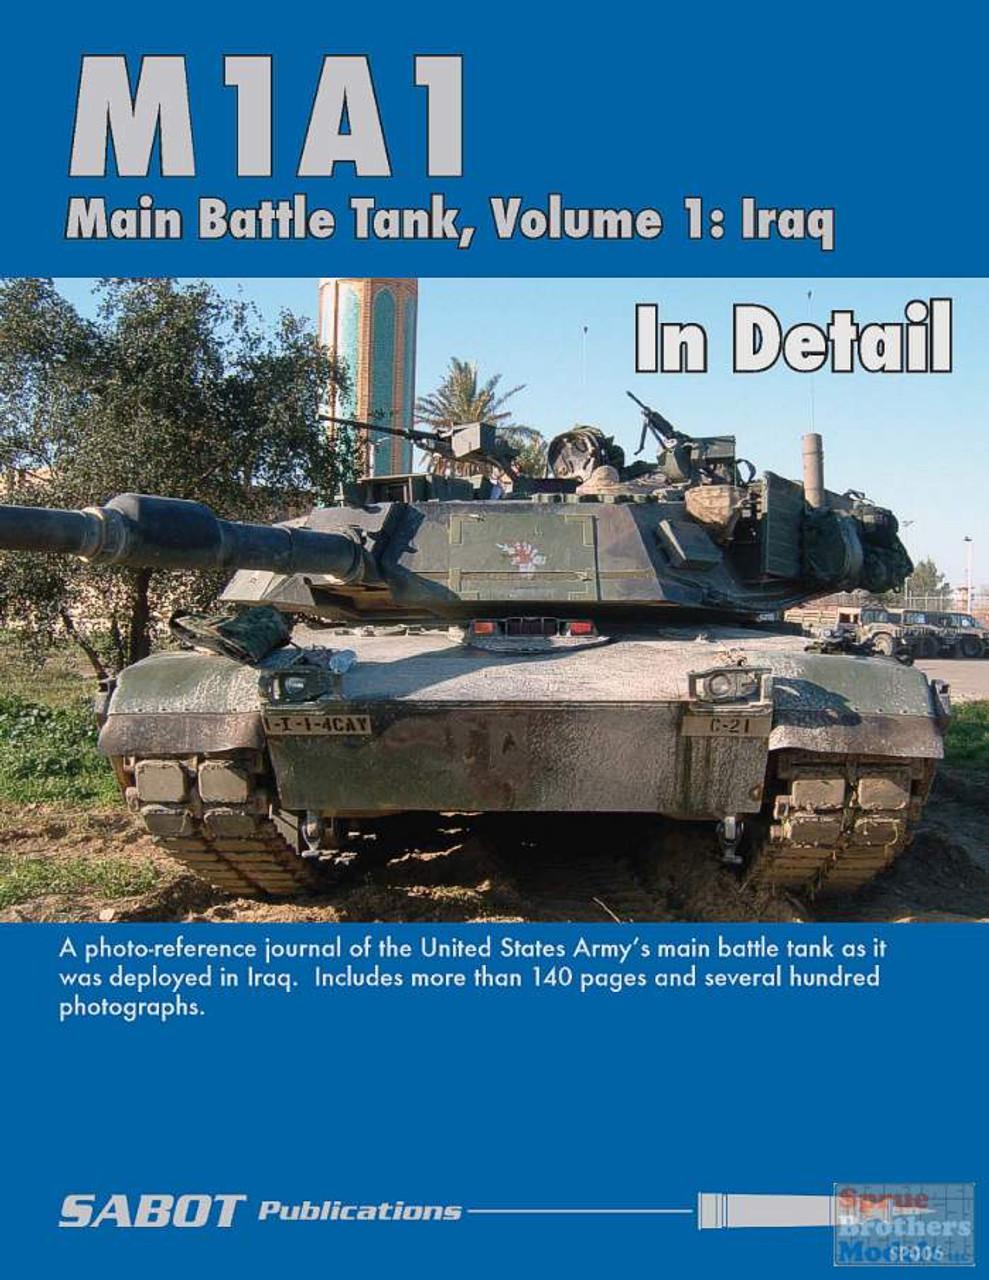 SAB006 SABOT Publications - M1A1 Abrams Main Battle Tank In Detail Volume 1: Iraq